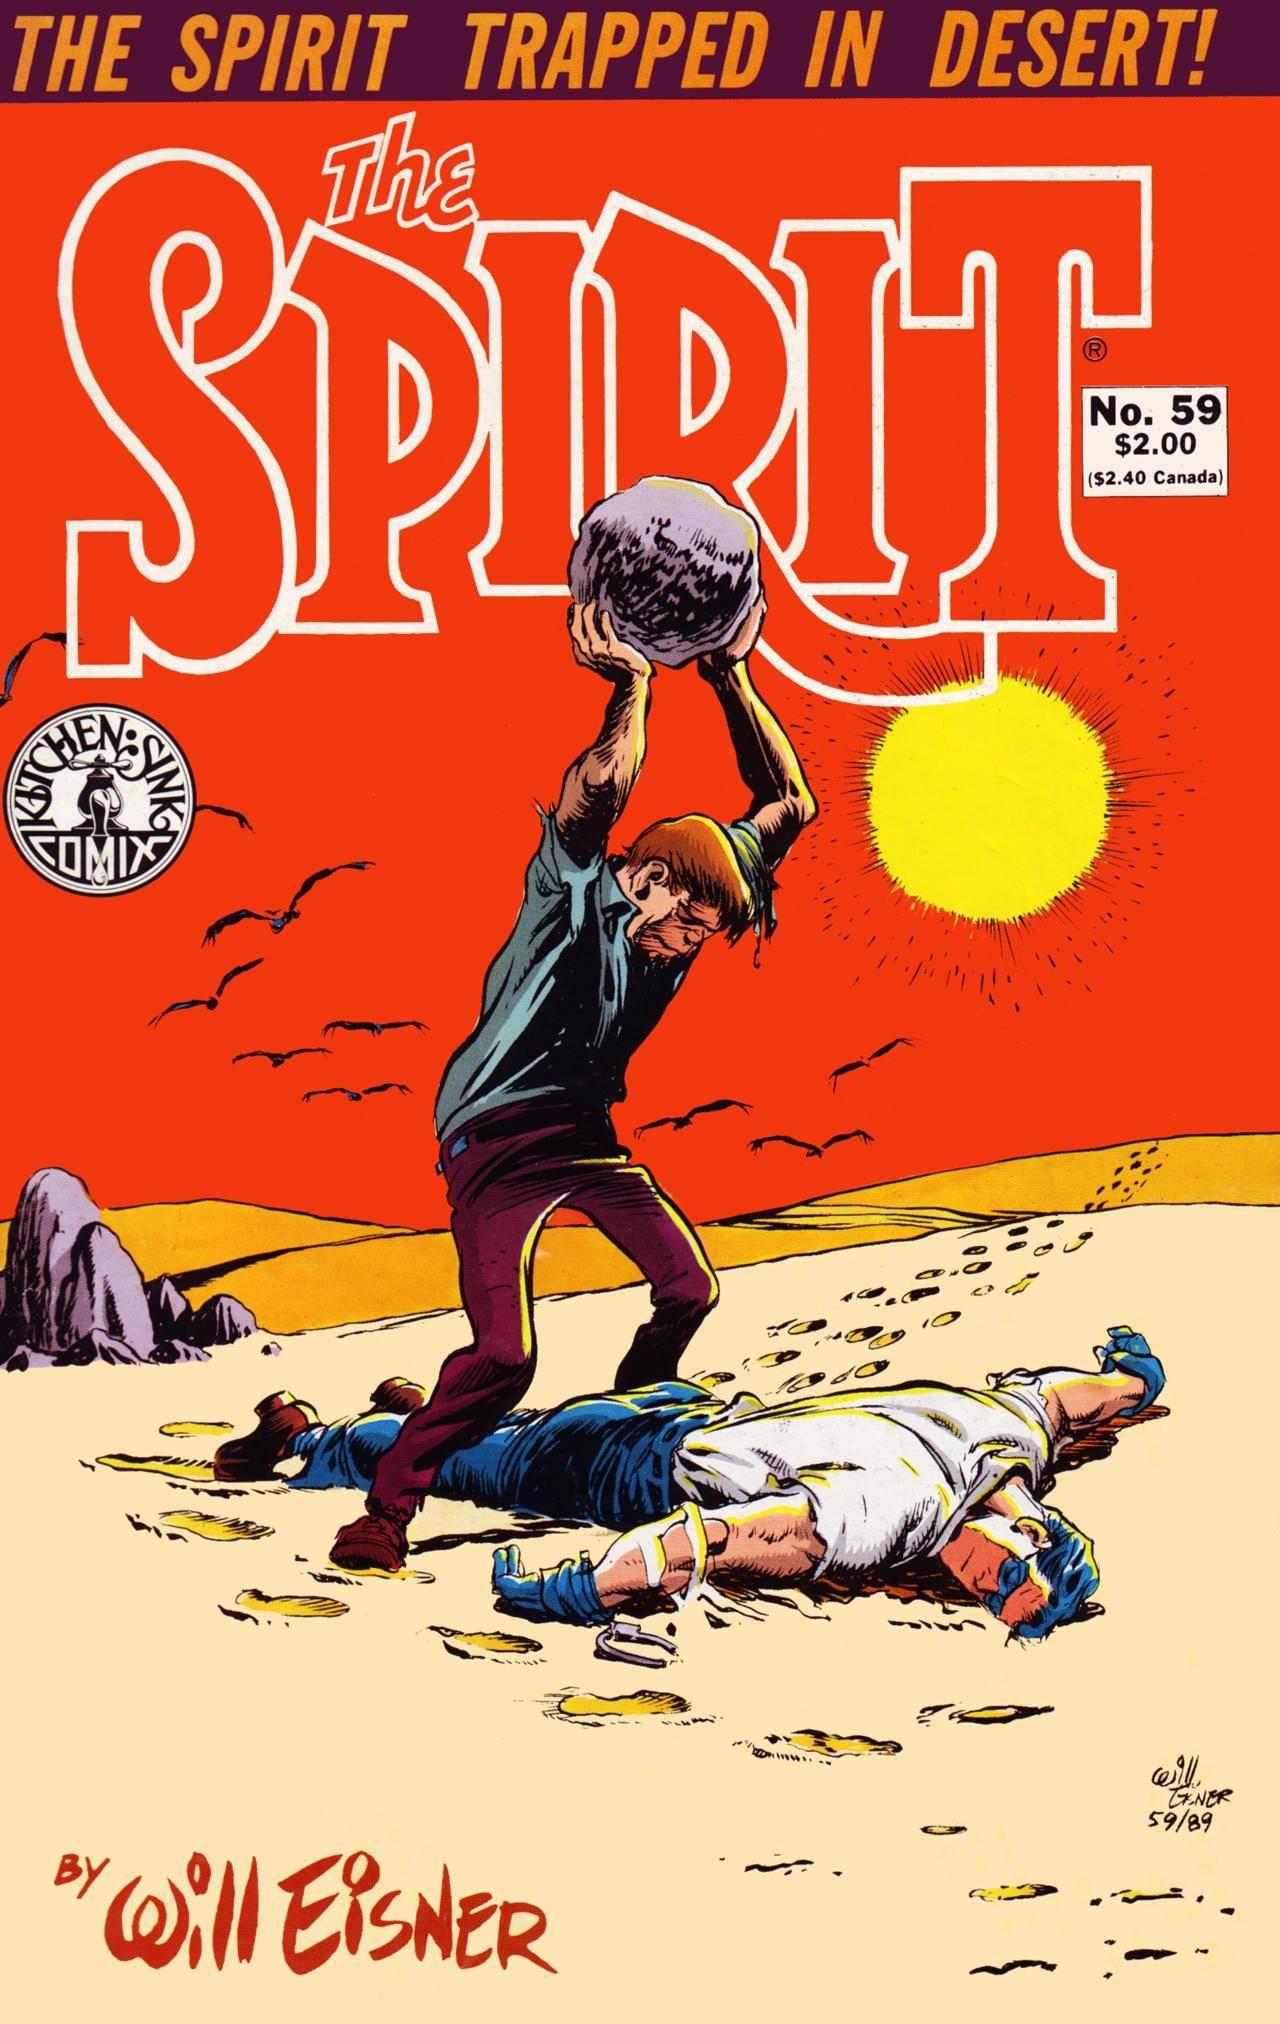 Spirit 1989-09 059 Kitchen Sink emcee